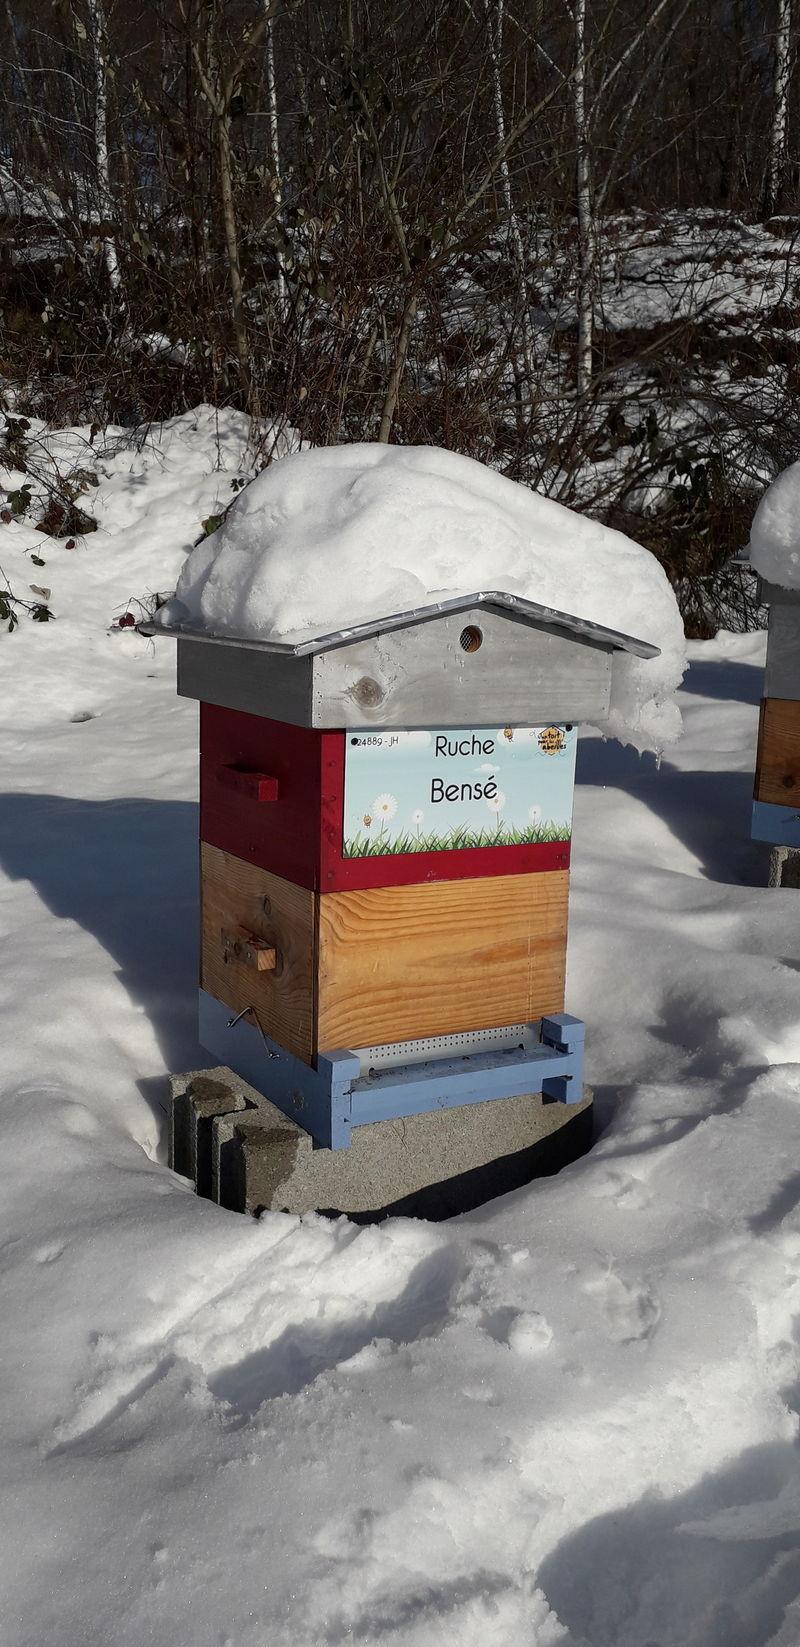 La ruche Bensé